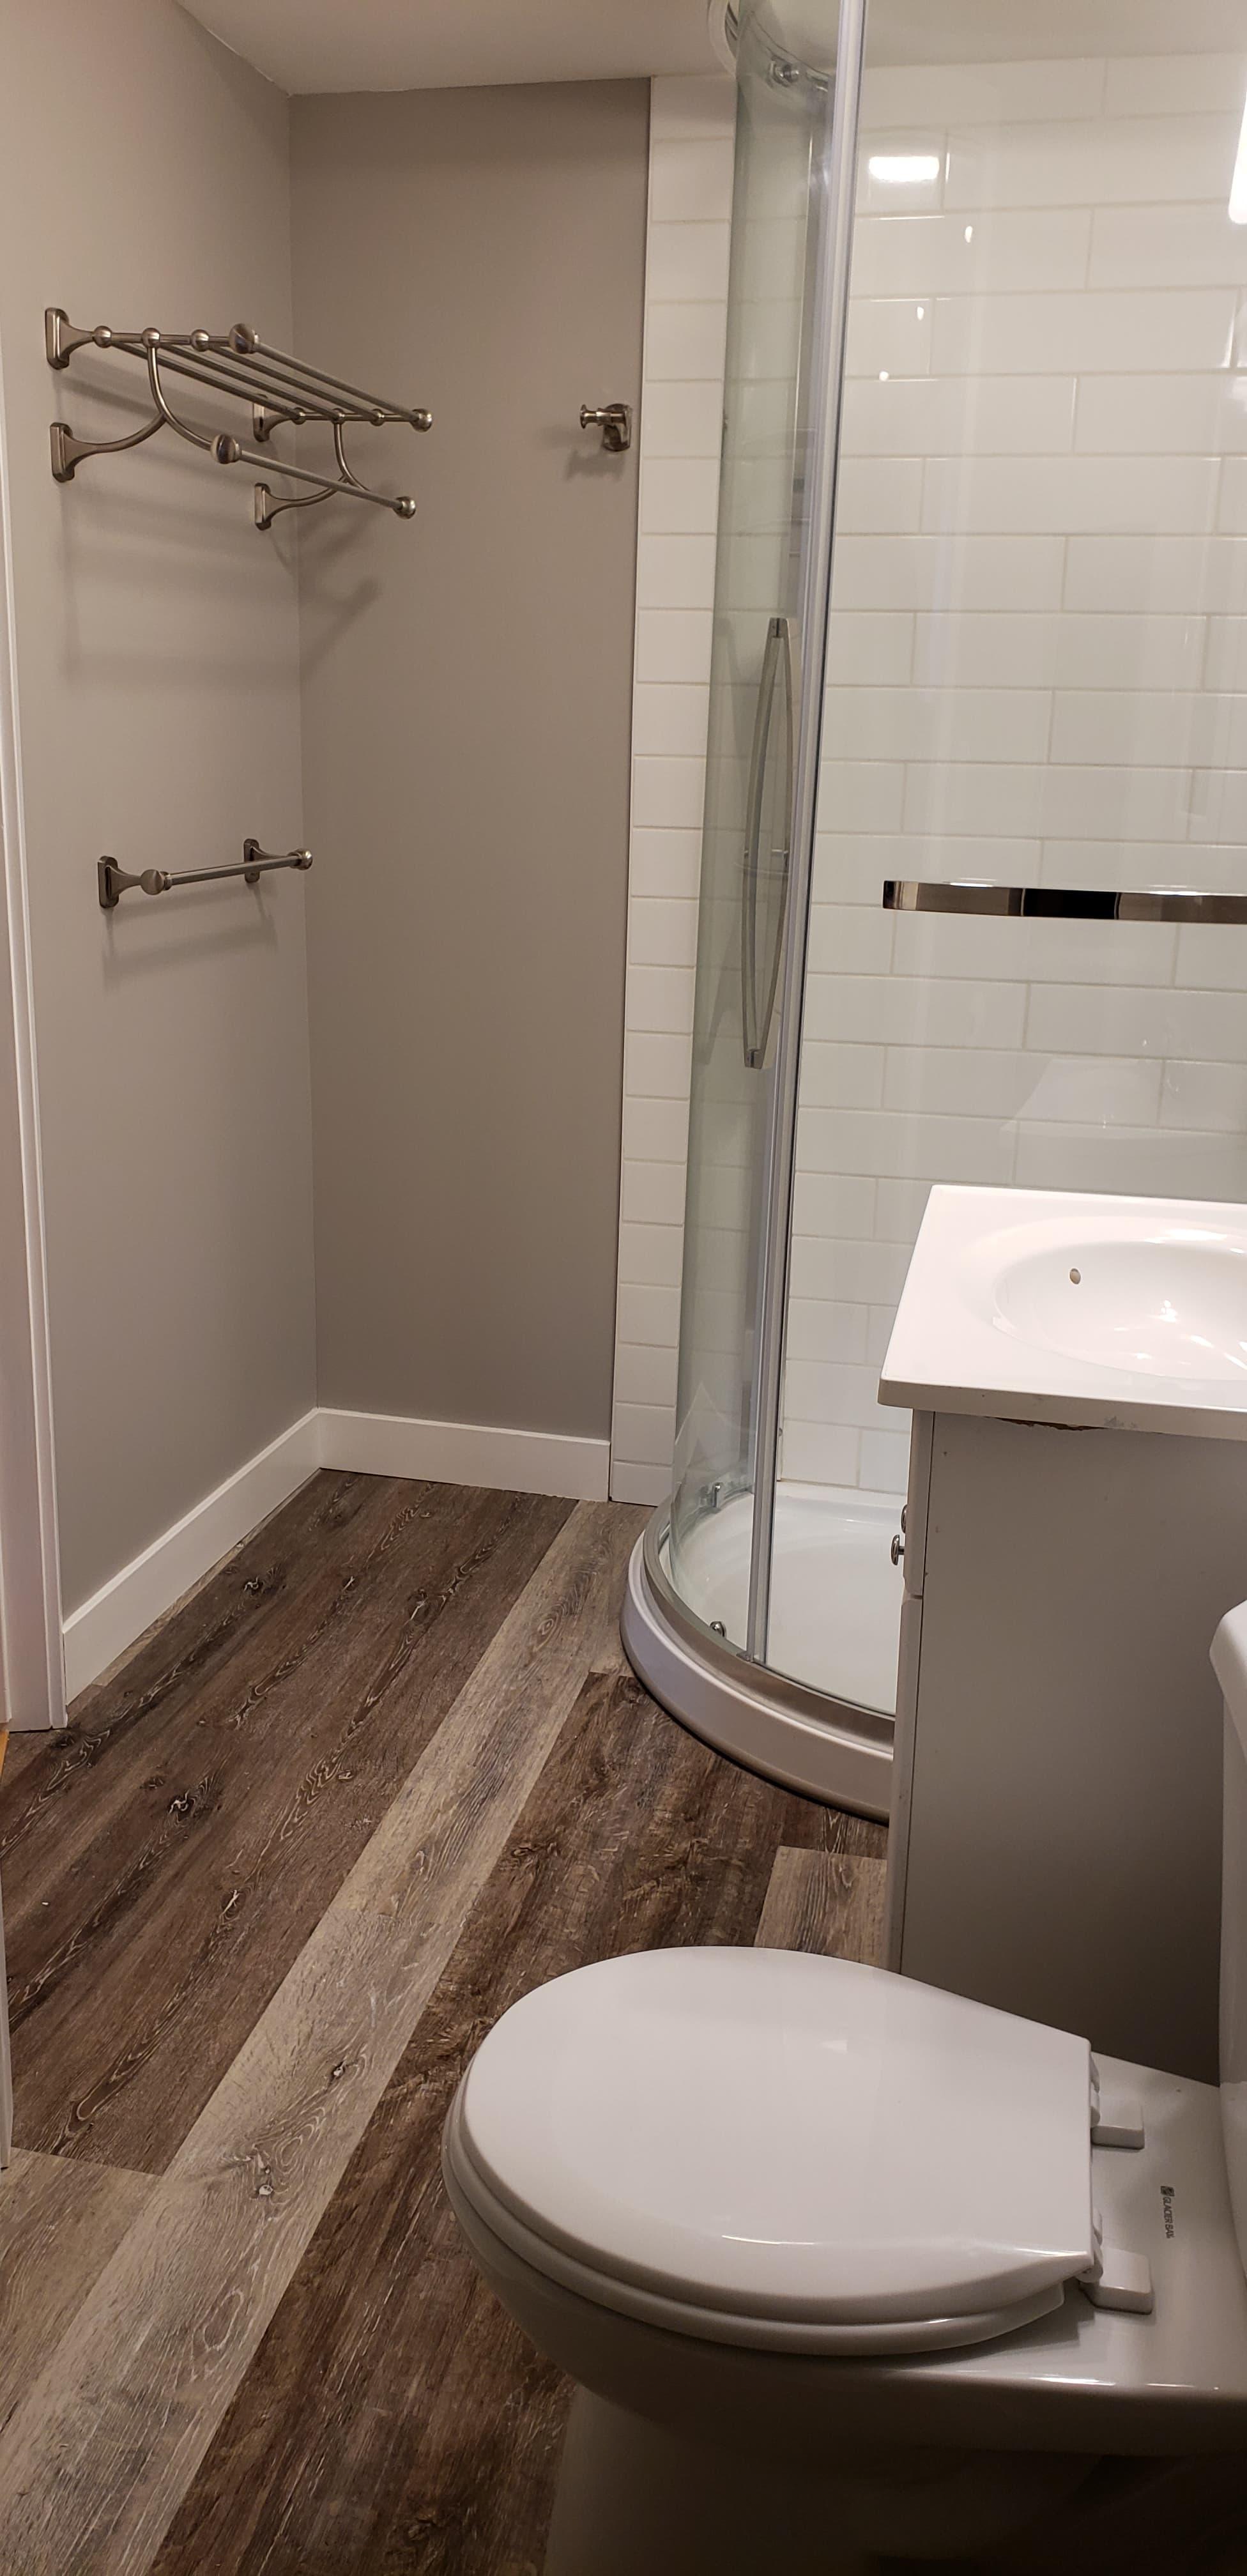 bathroom shower and toilet red deer alberta